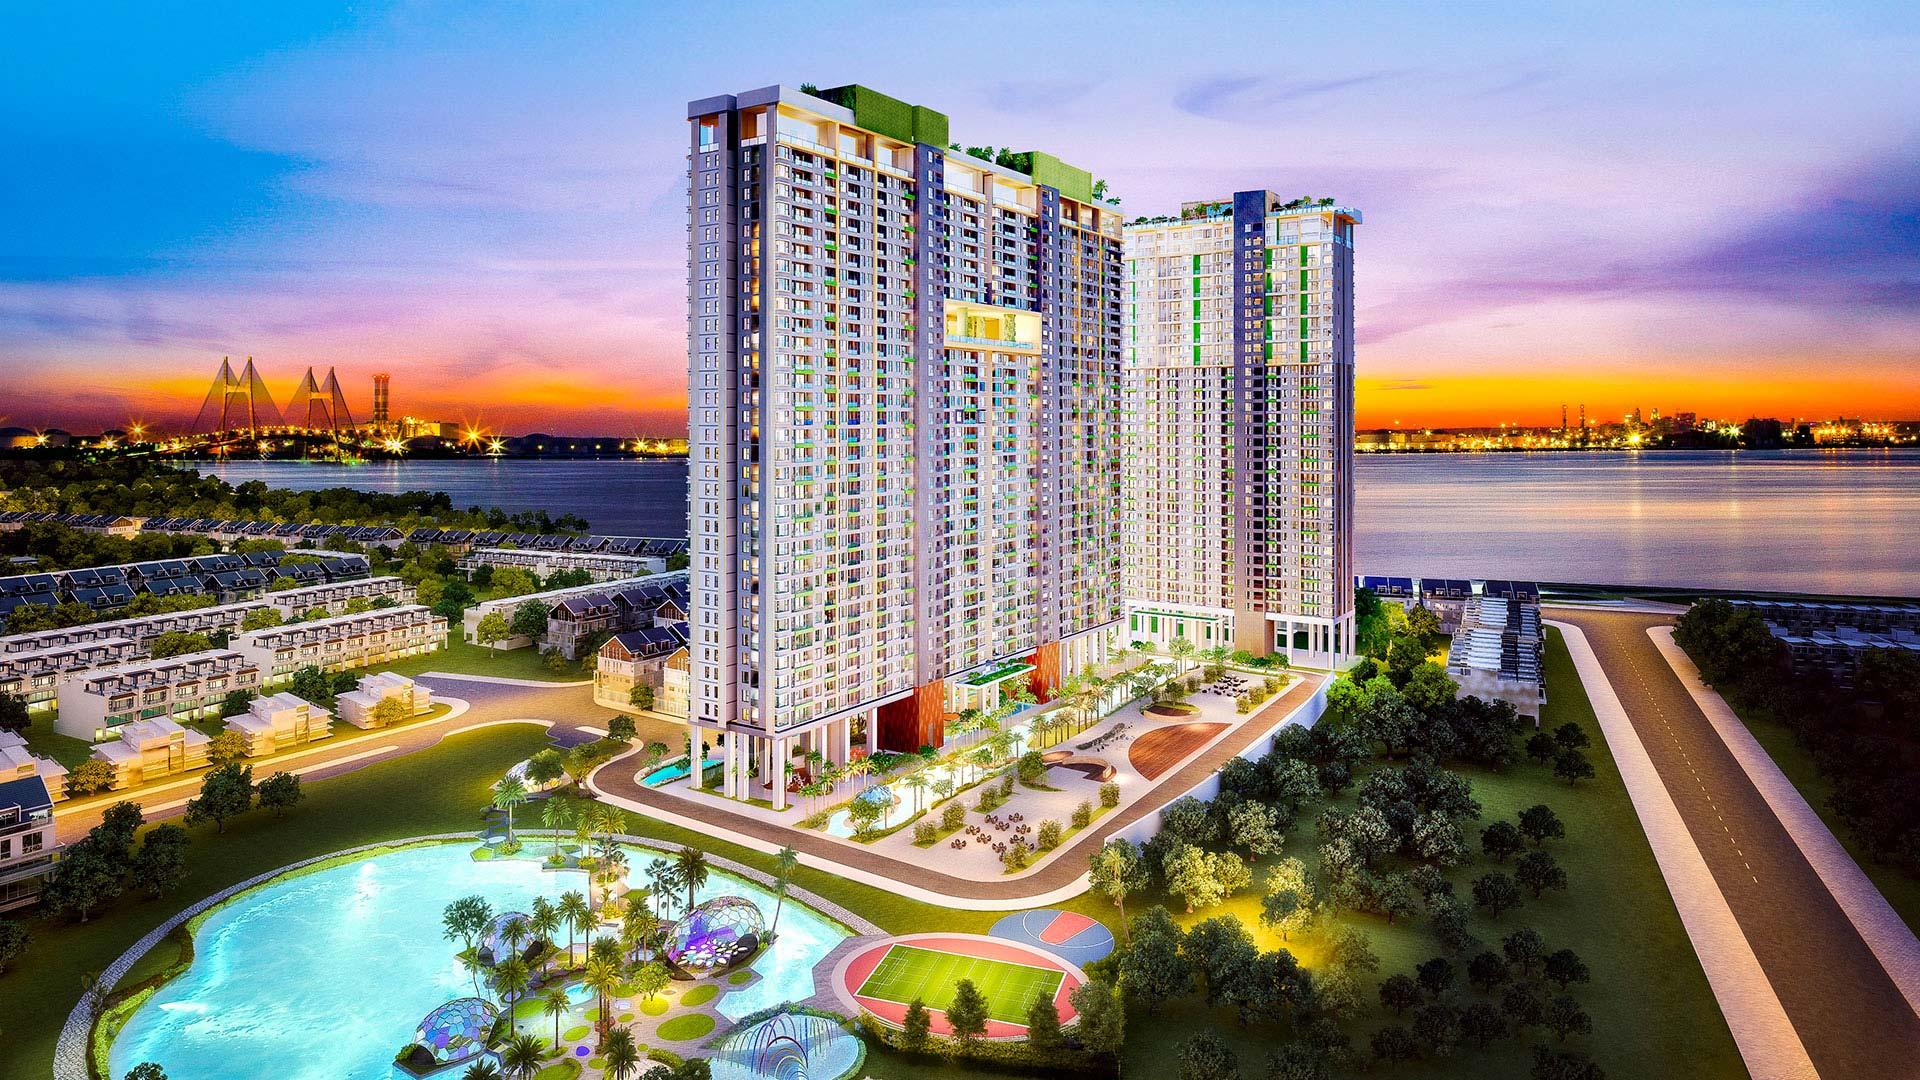 Dự kiến hoàn tất bàn giao 1.000 căn hộ quận 7, BĐS An Gia lên kế hoạch lãi 410 tỉ đồng - Ảnh 1.